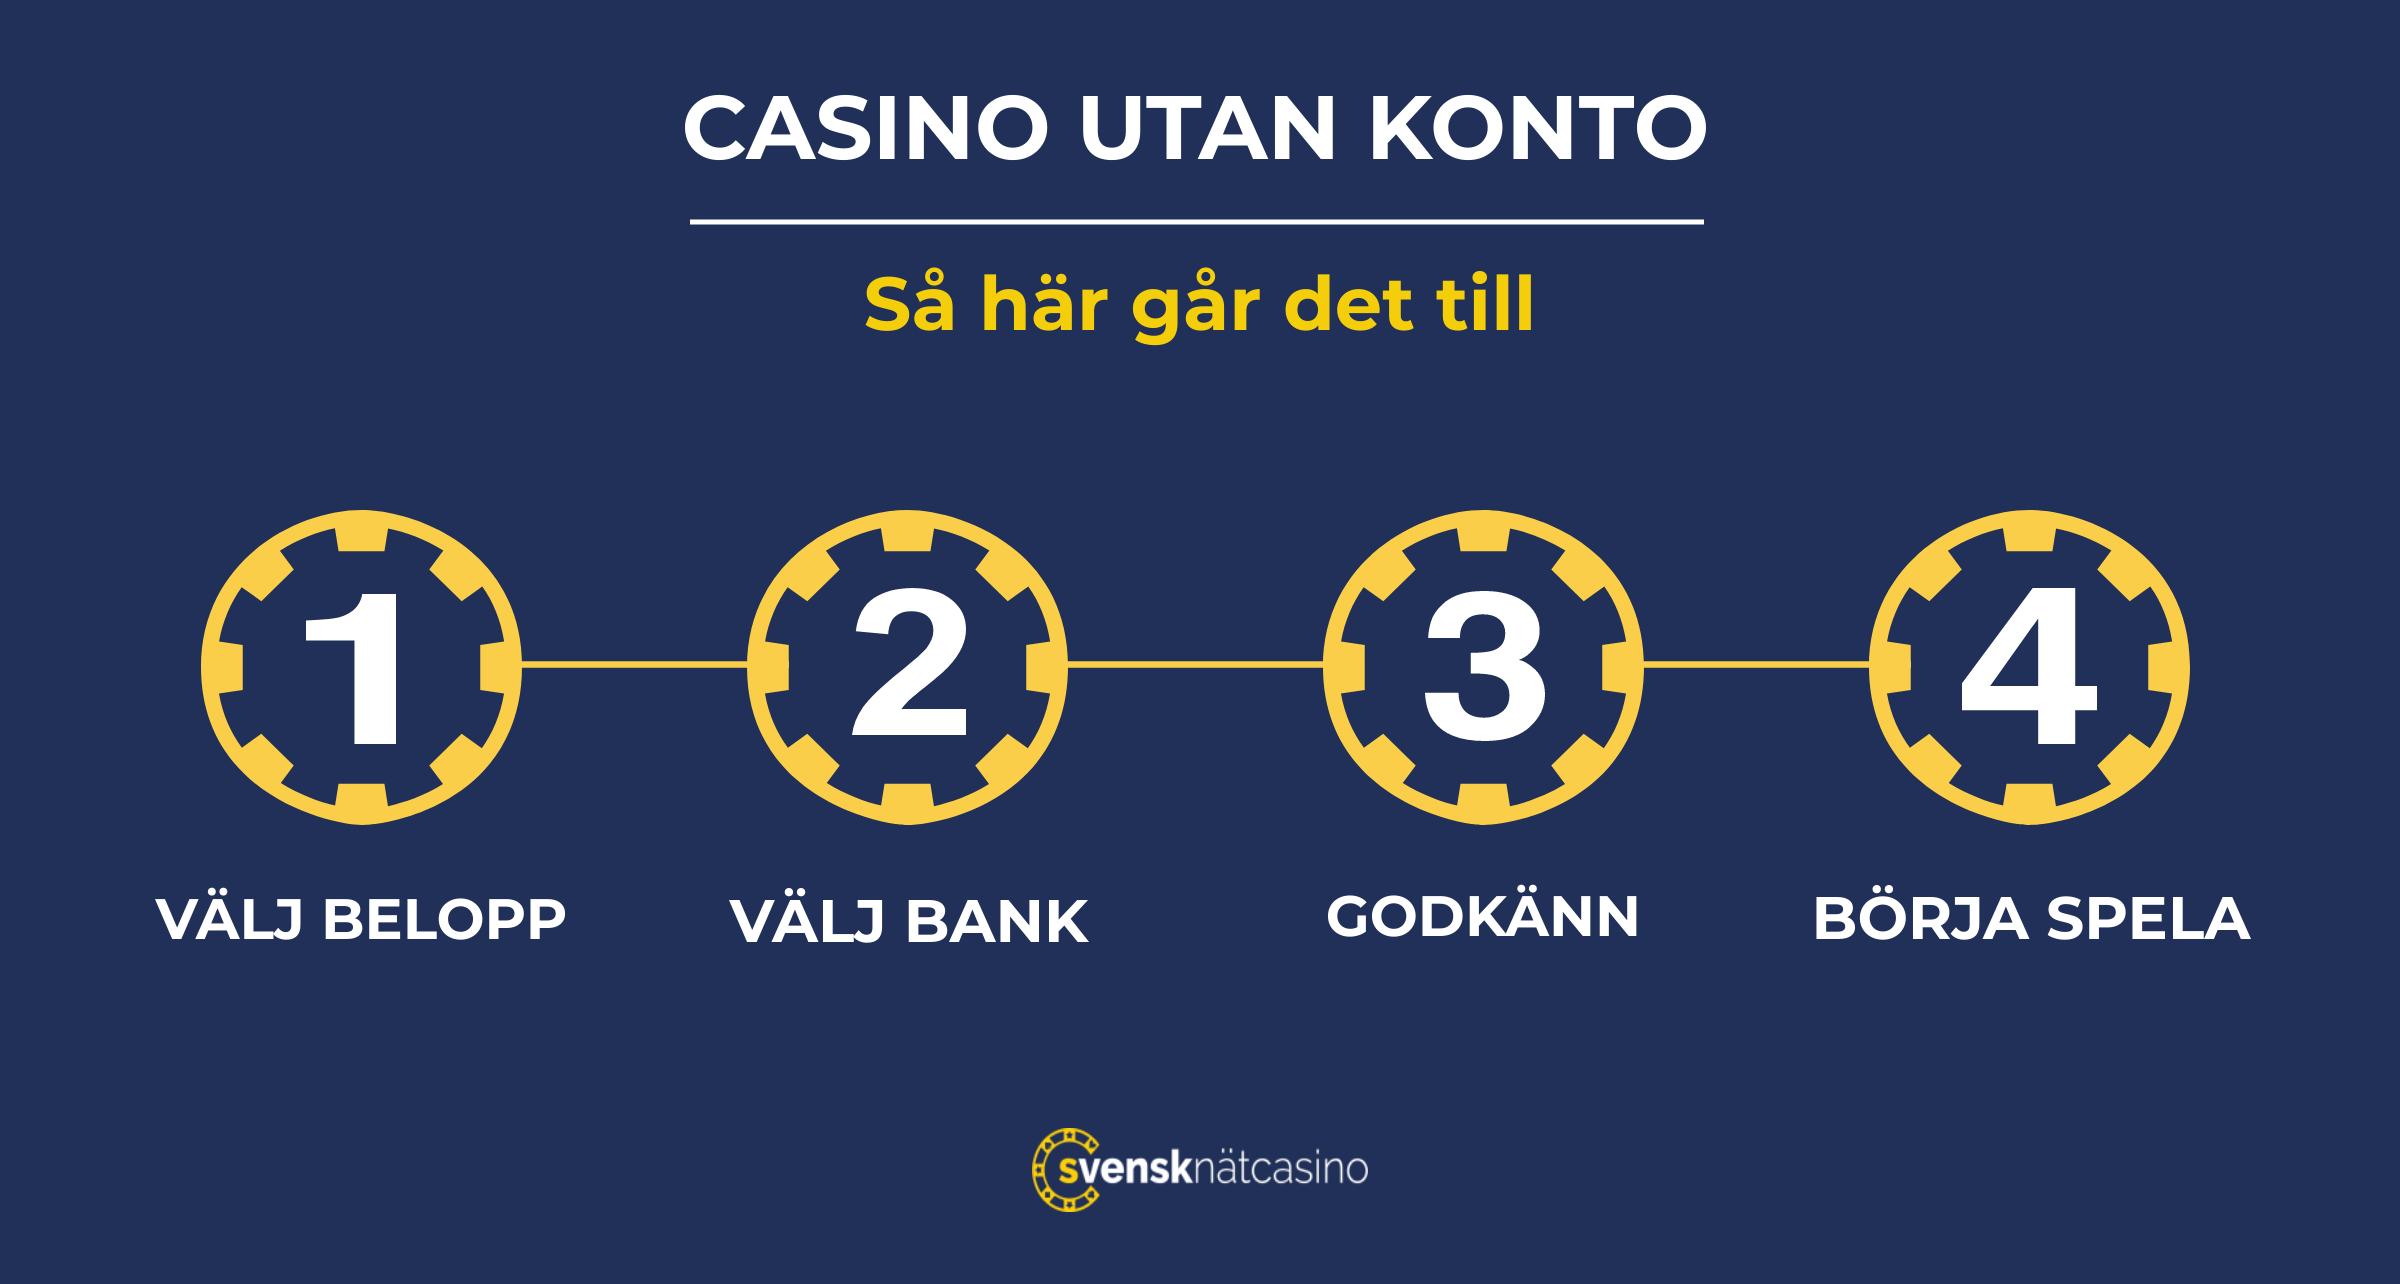 spela casino utan konto steg